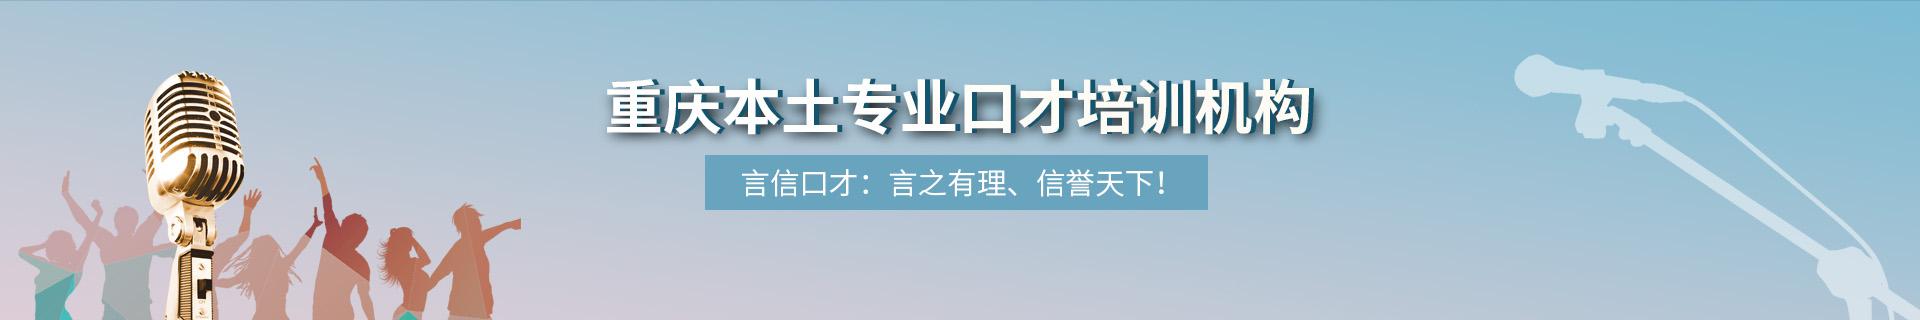 重庆蒲说教育口才培训